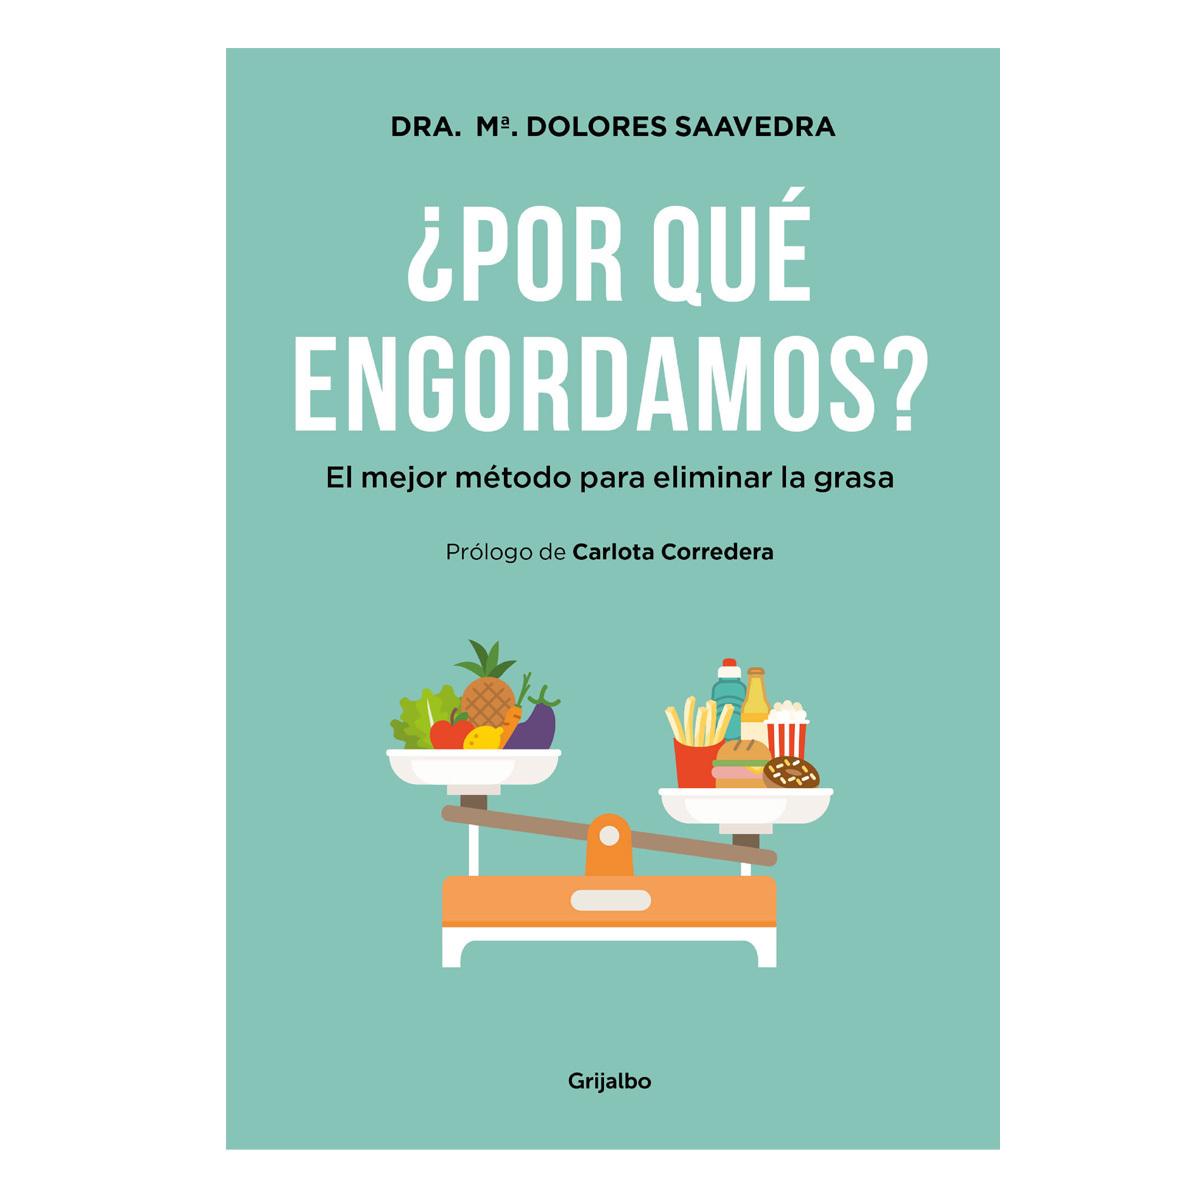 ¿Por qué engordamos?, el nuevo libro de la doctora Saavedra.